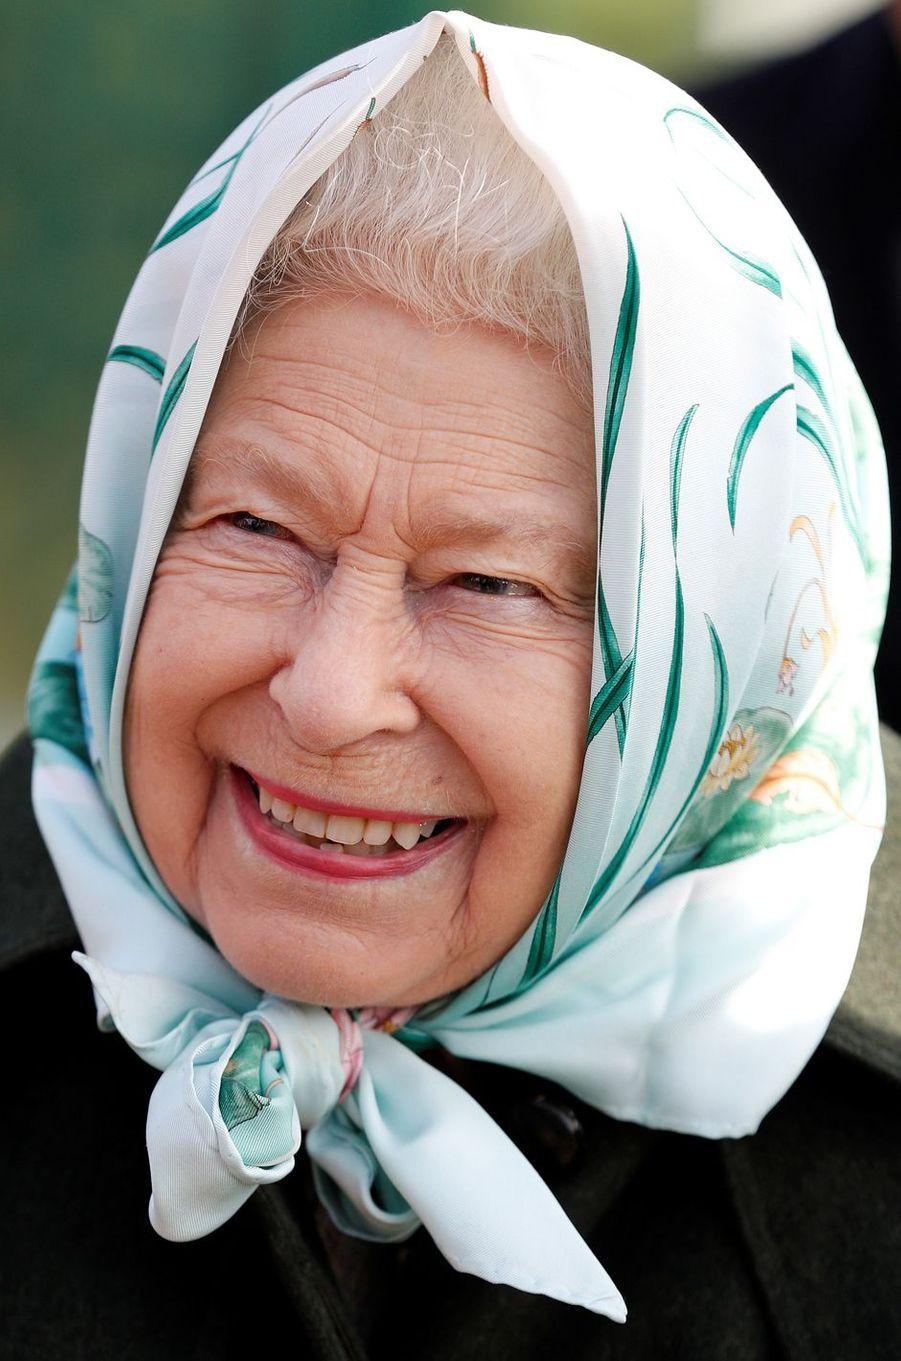 La reine Elizabeth II, coiffée d'un fichu, à la station de pompage de Wolferton, le 5 février 2020